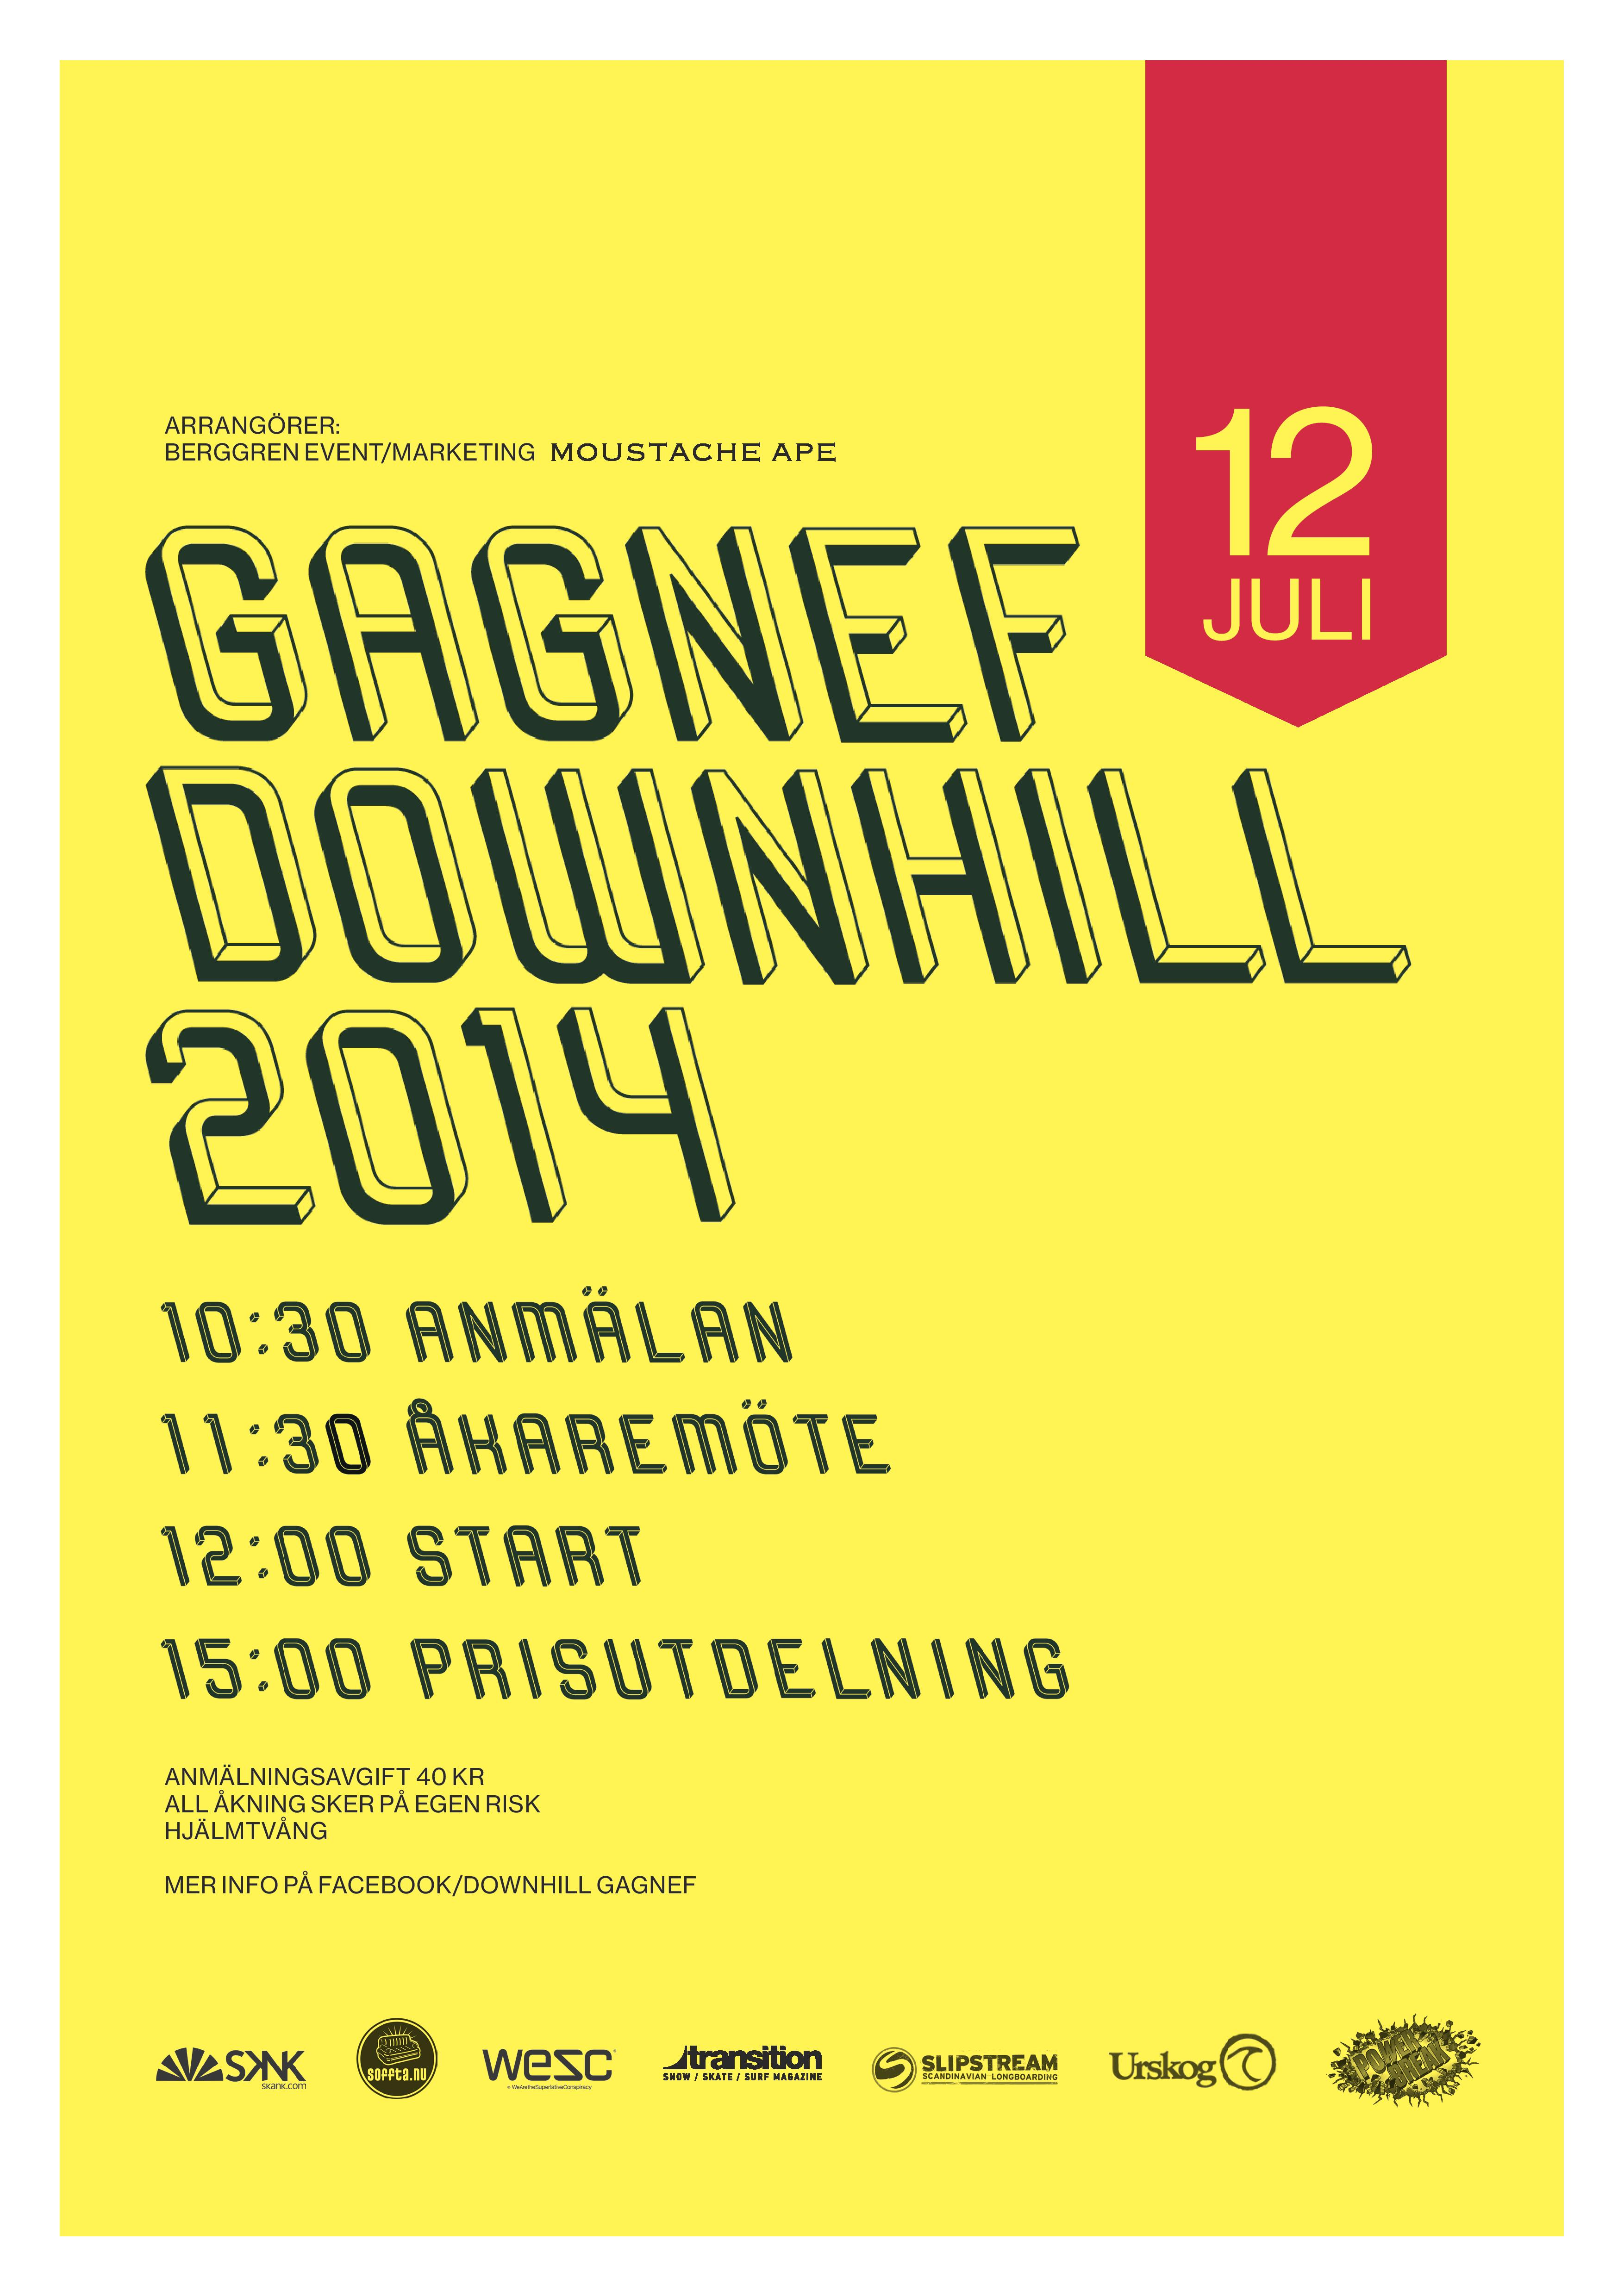 GAGNEF DOWNHILL